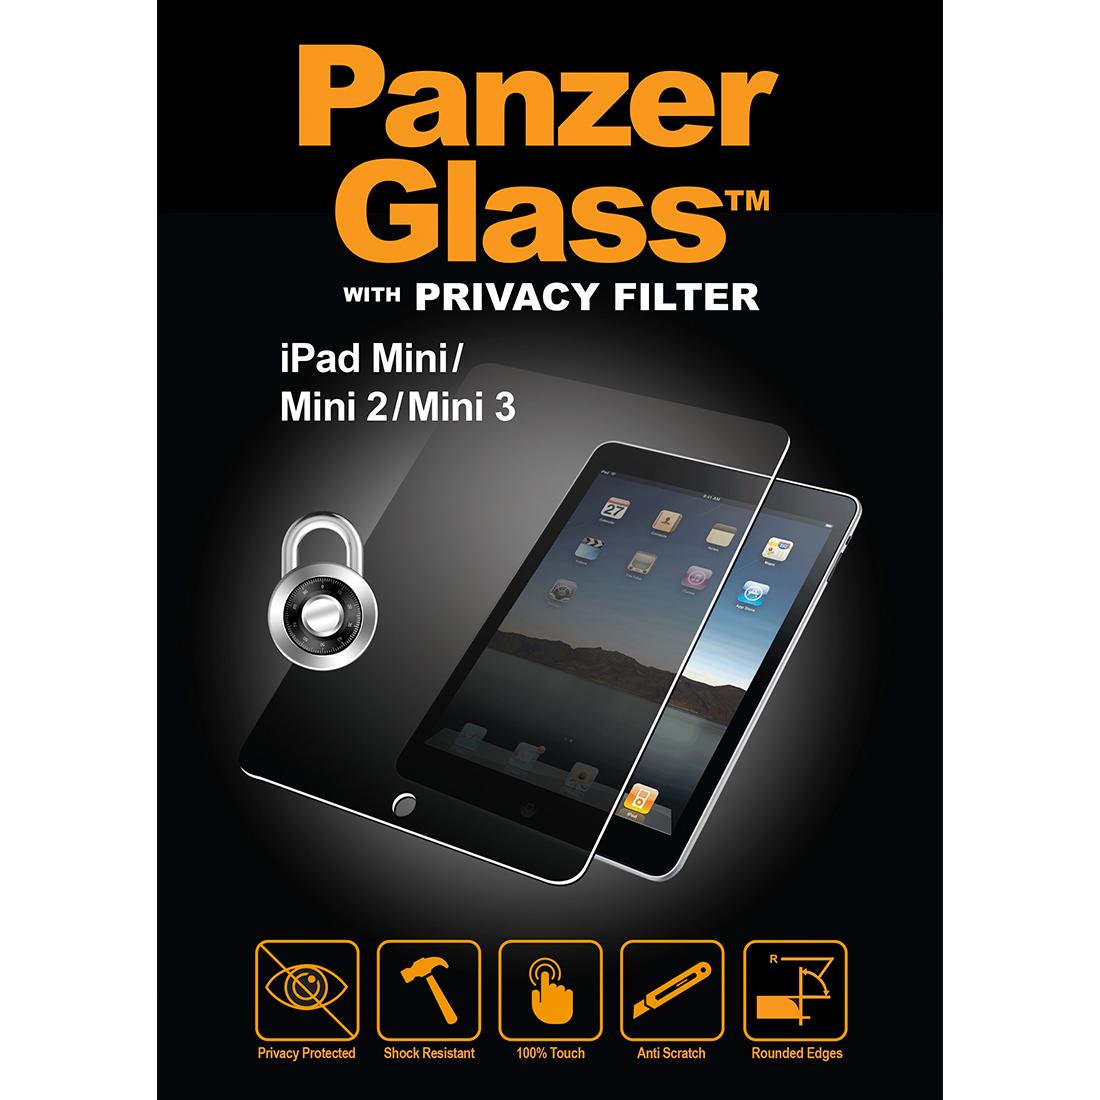 Billede af Panzer Glass Sikkerhedsglas Apple iPad Mini 1/2/3 med Privacy Filter